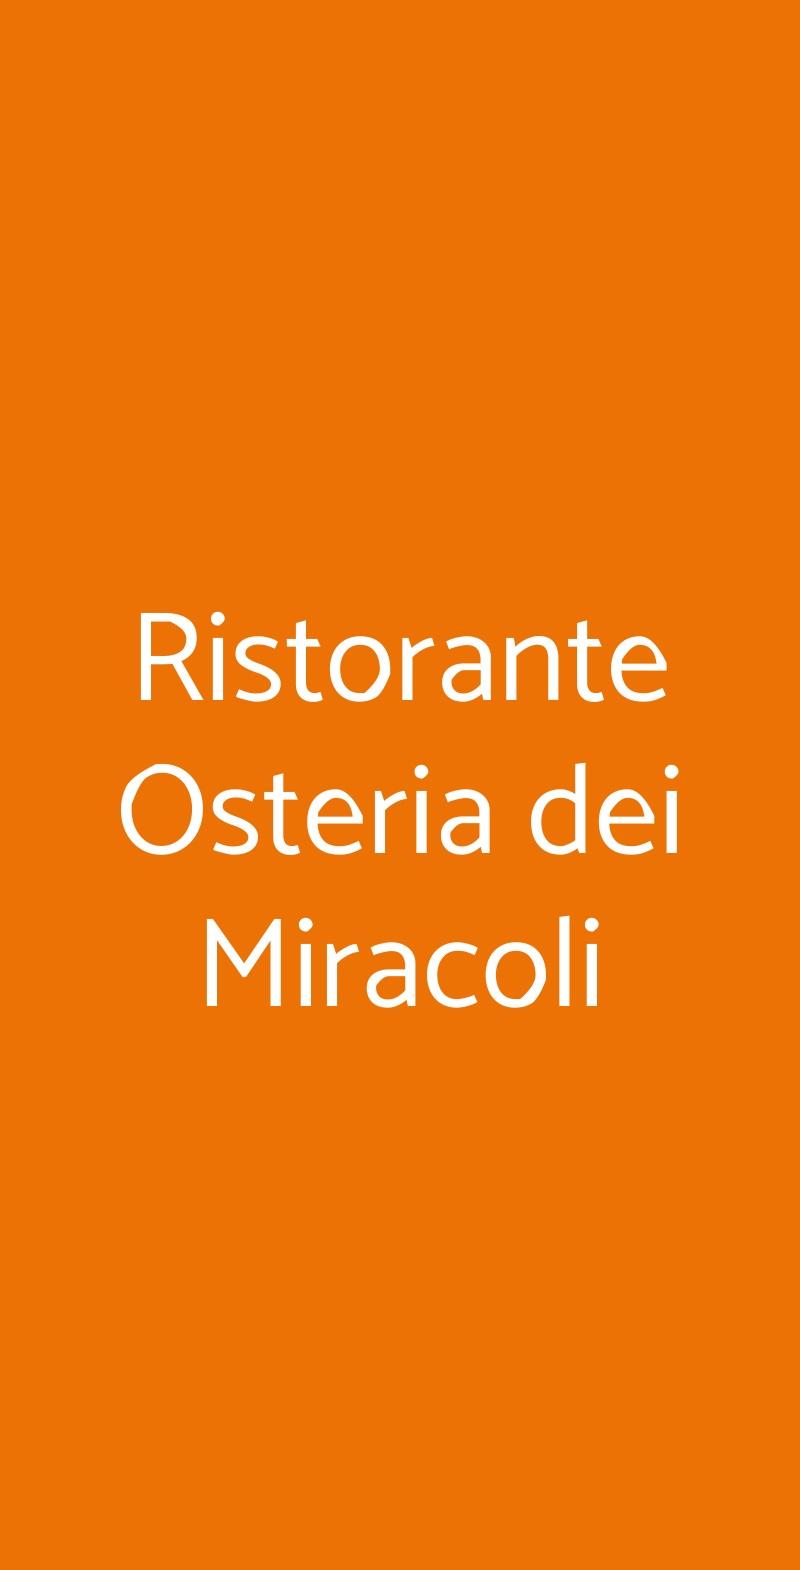 Ristorante Osteria dei Miracoli Pescara menù 1 pagina